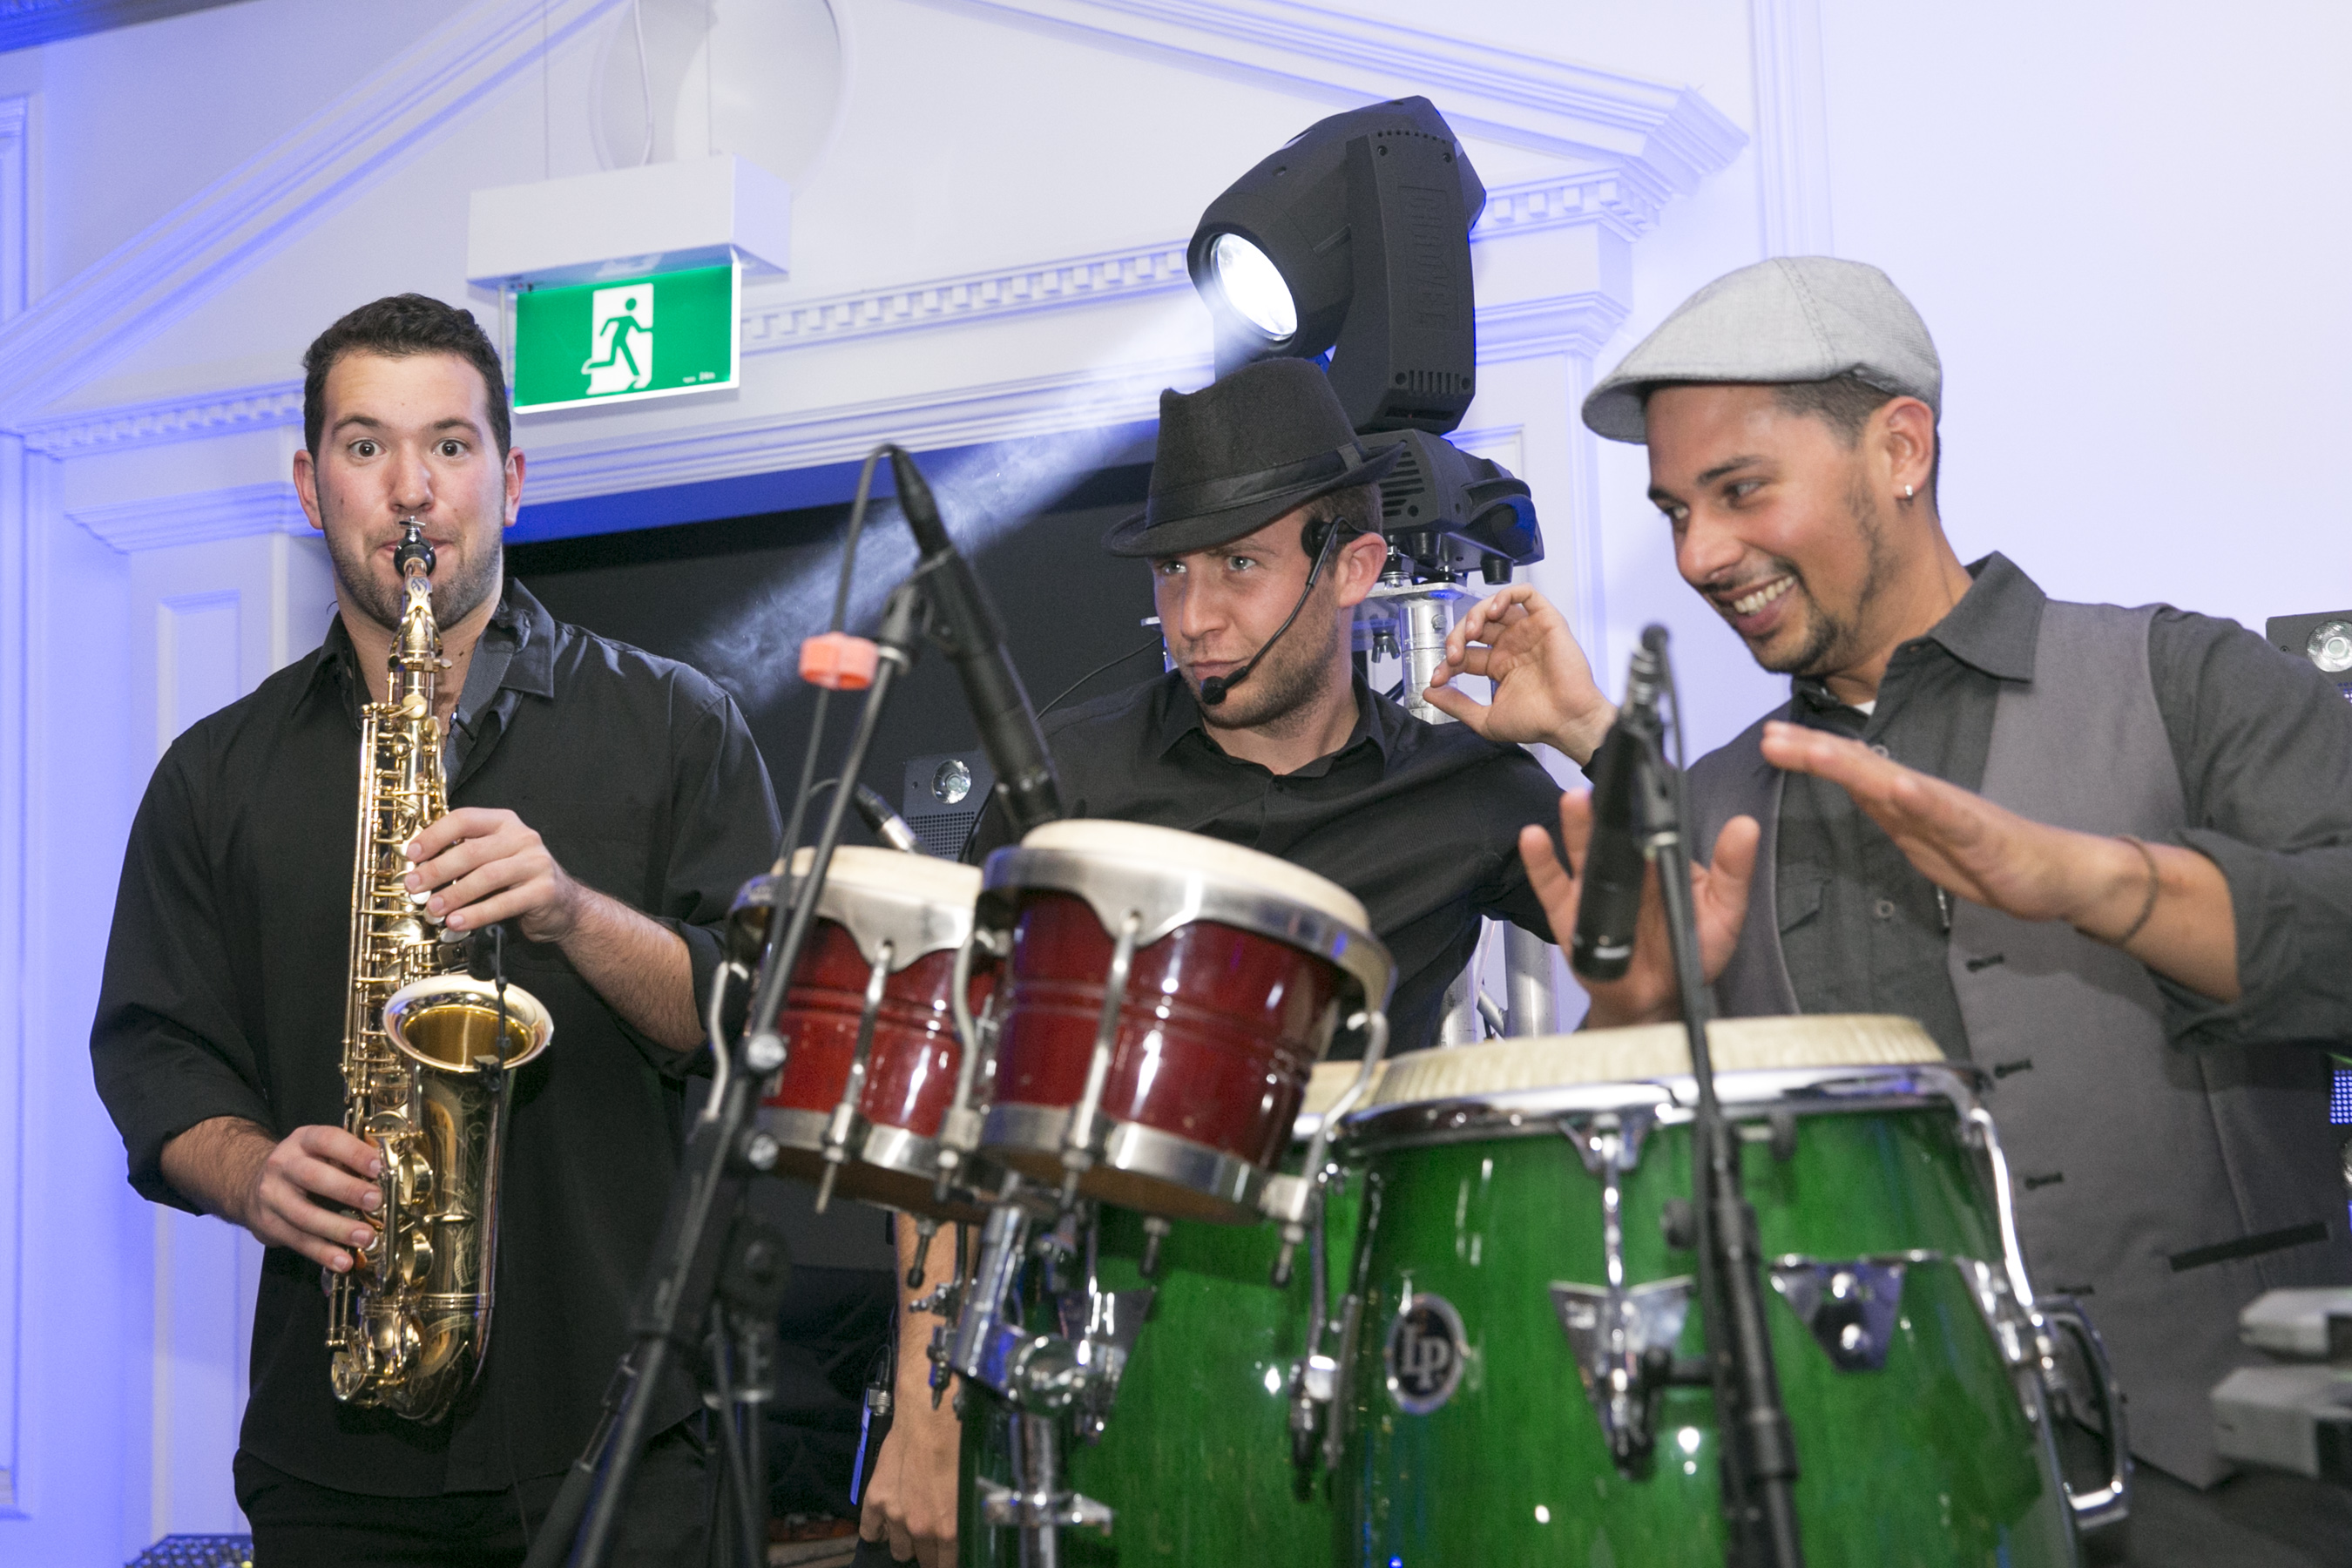 Sax DJ Percussion trio